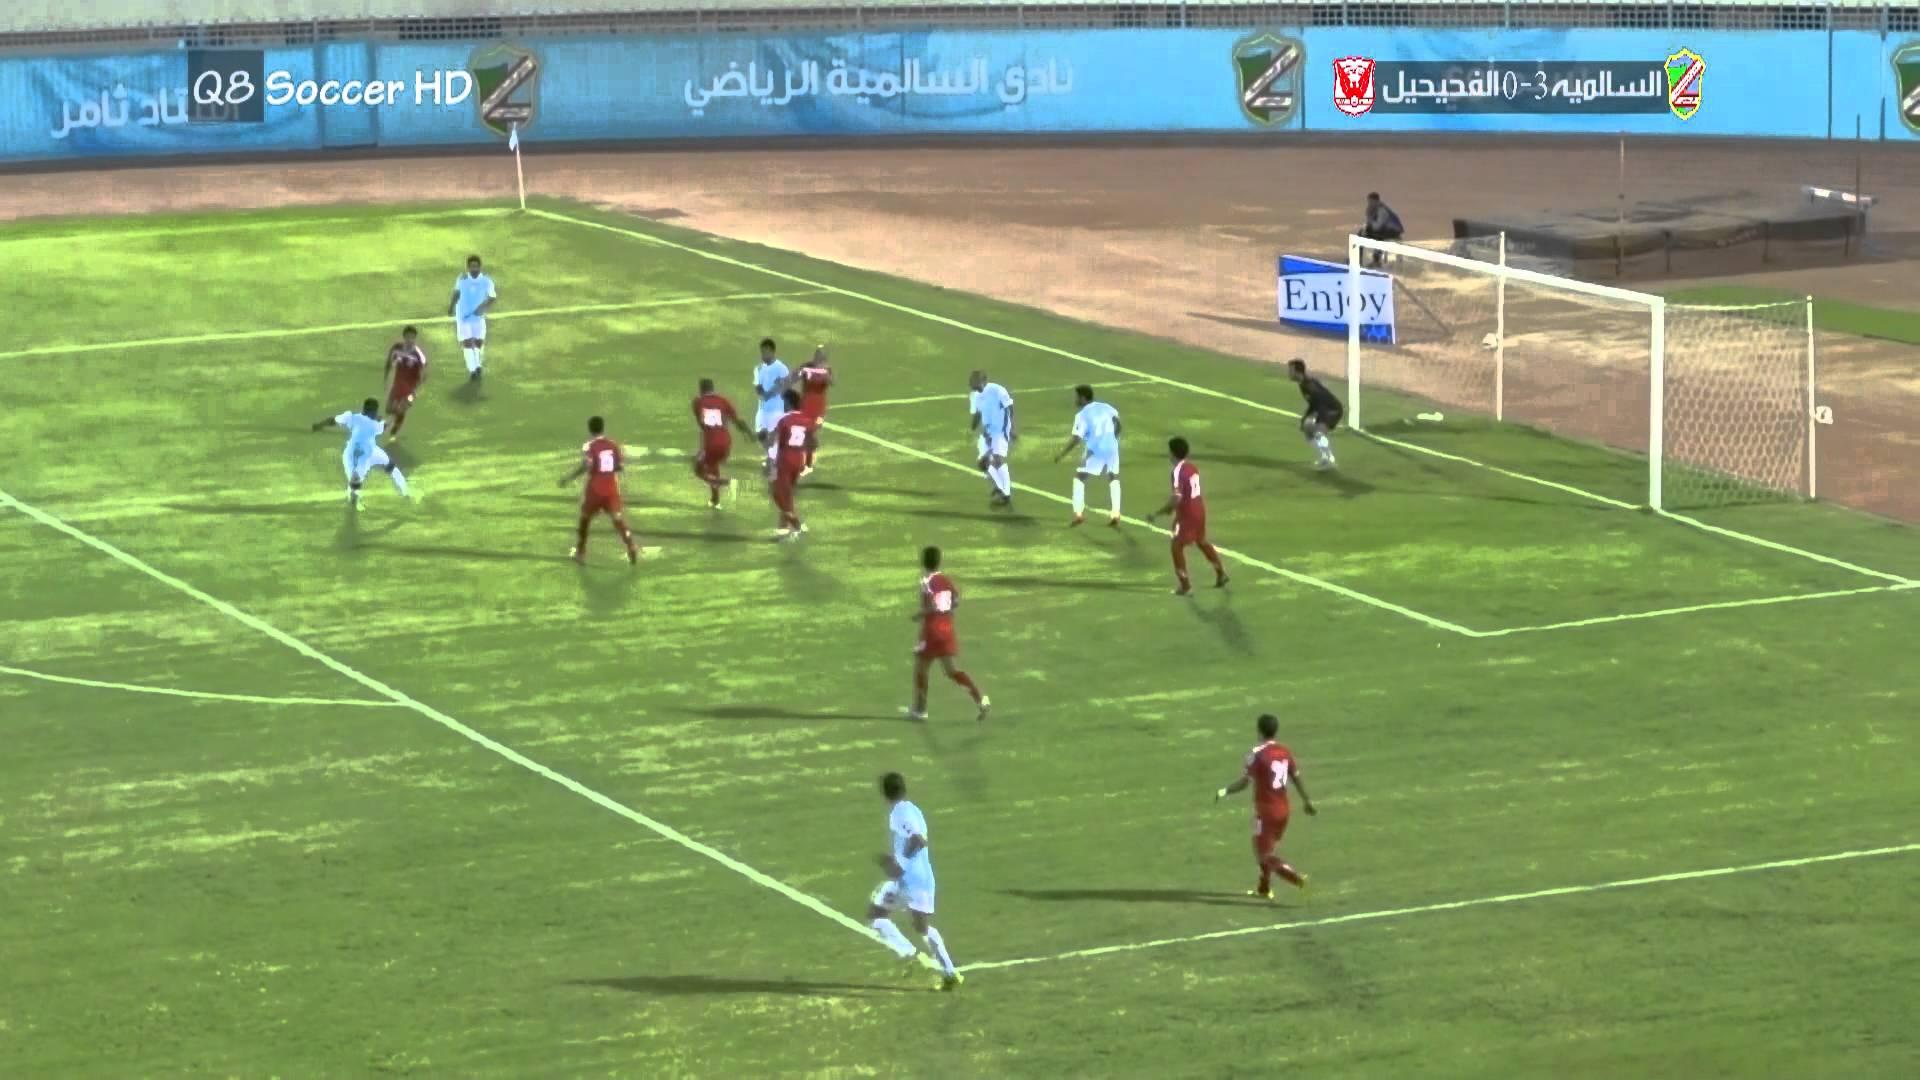 ملخص مباراة السالمية 3-2 الفحيحيل (الدوري الرديف)